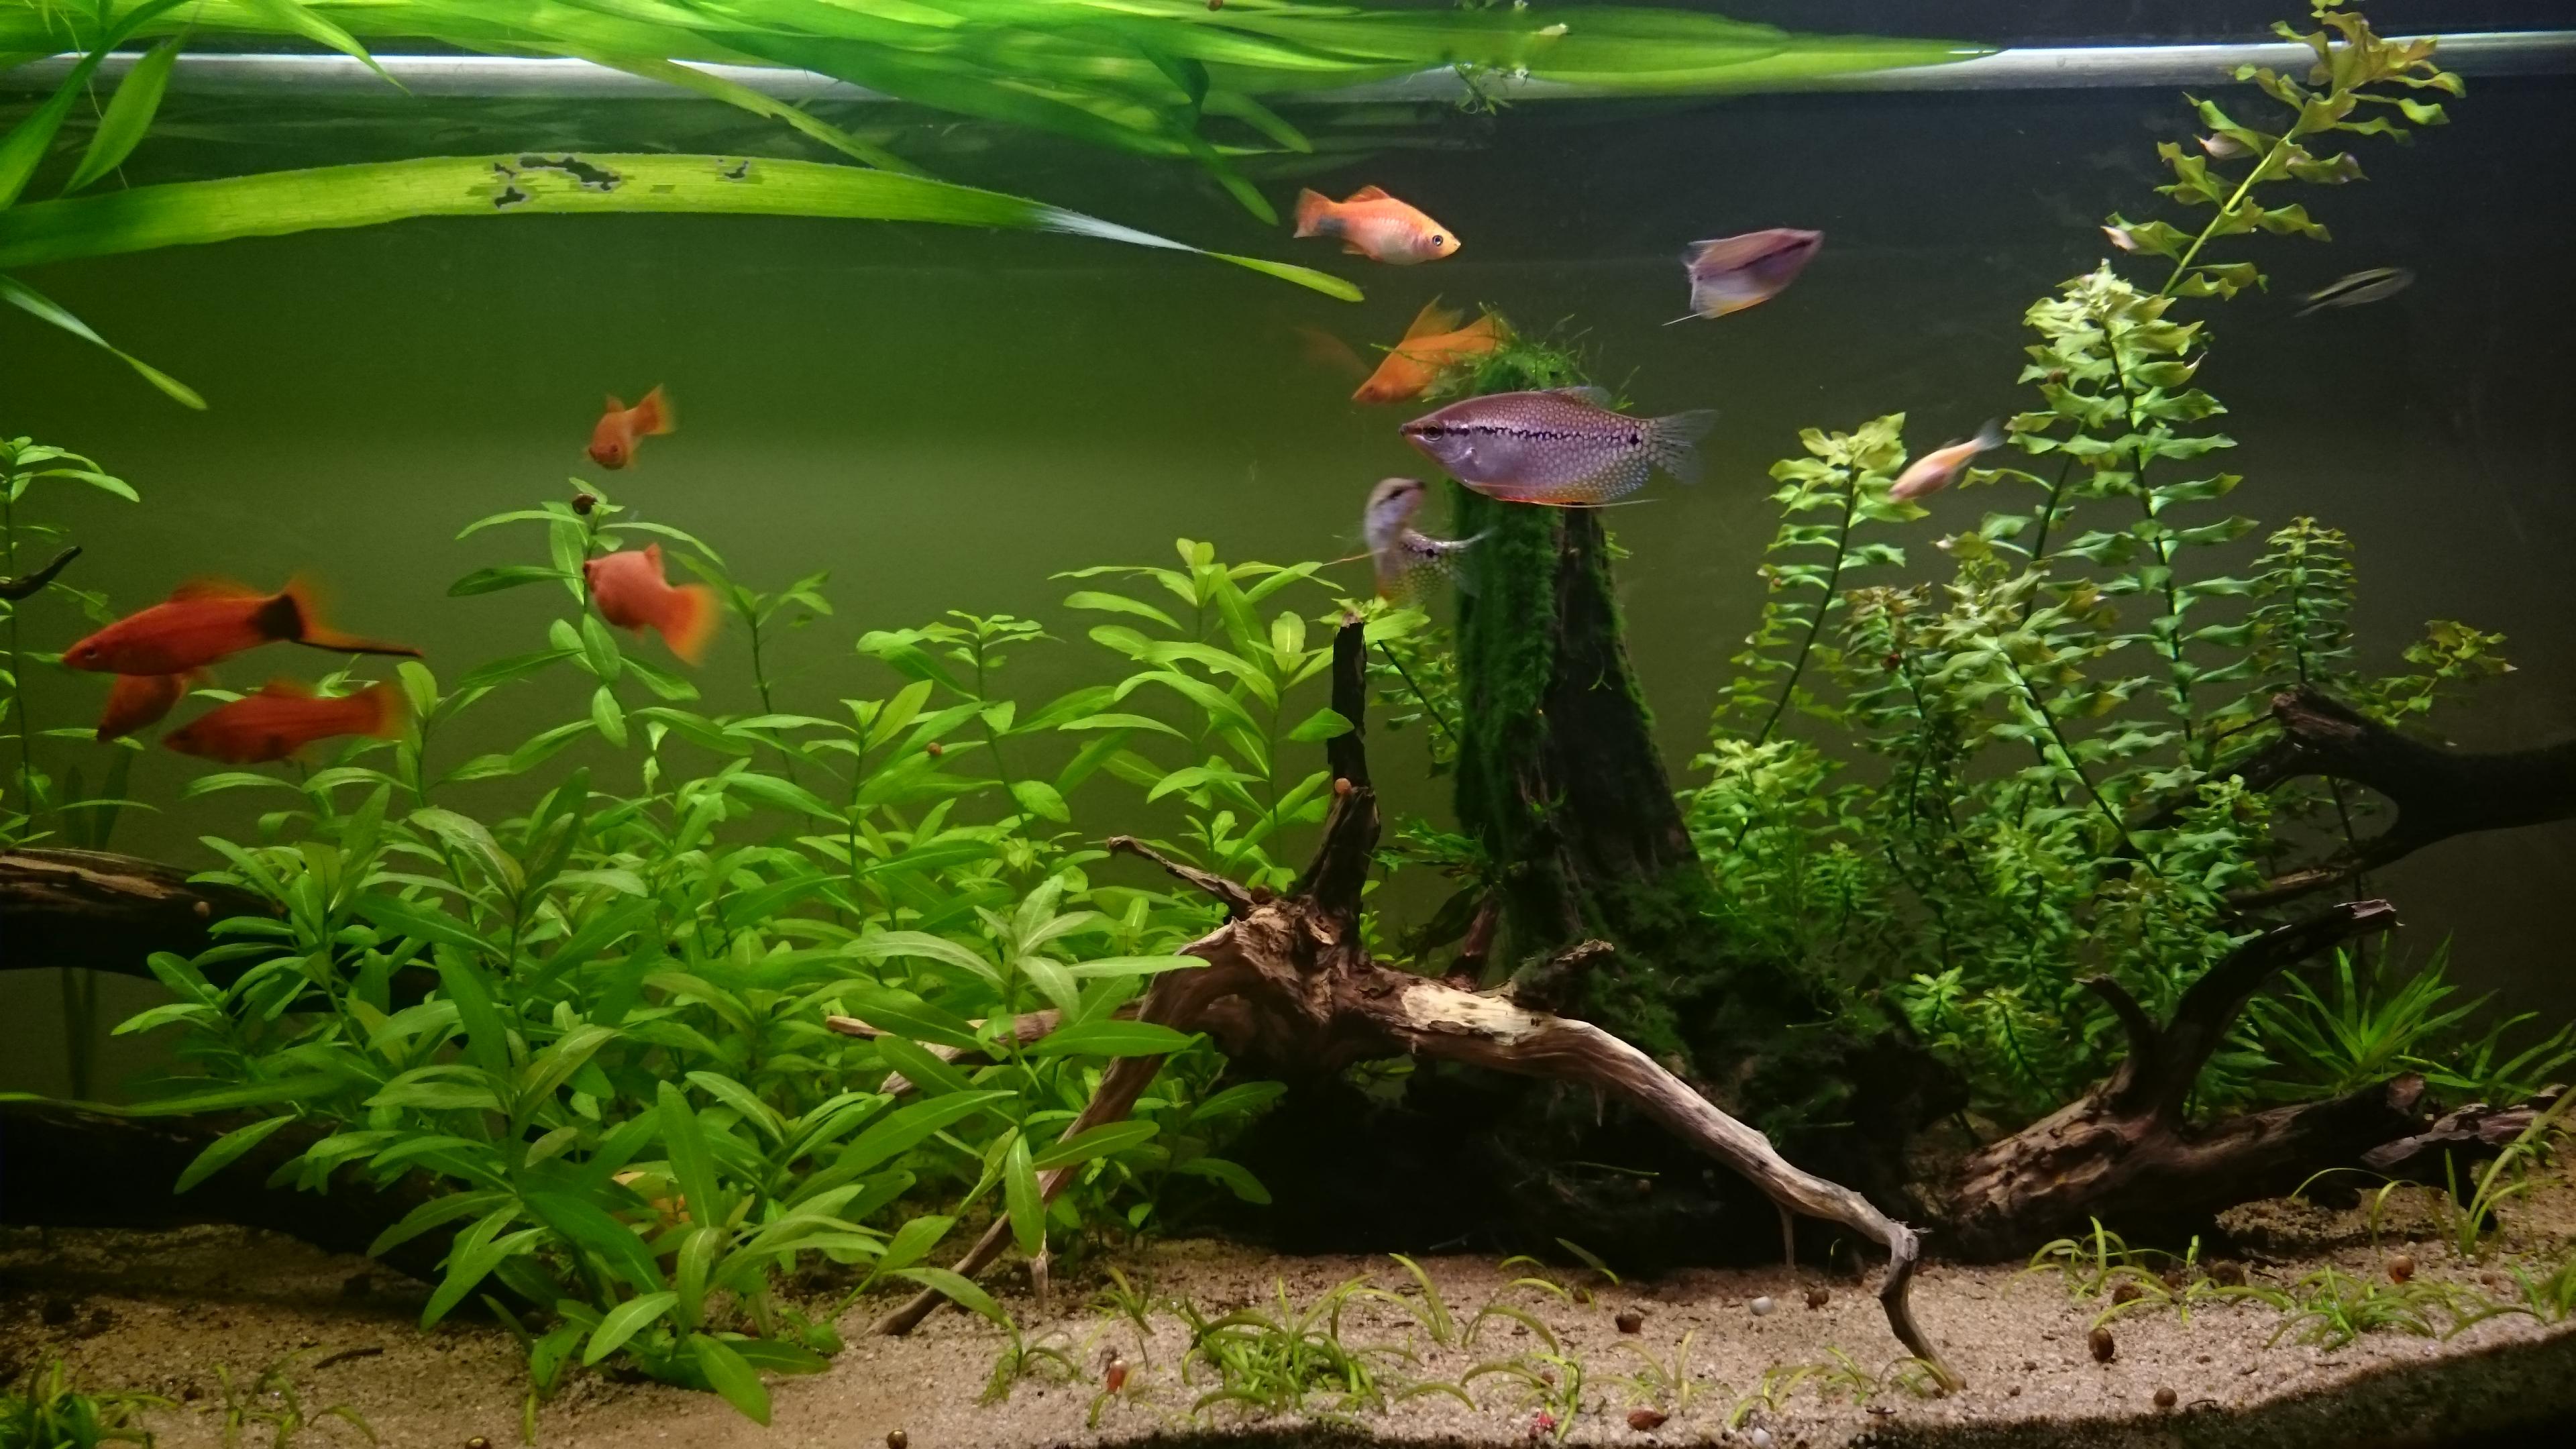 El acuario plantado de daniel decorpez acuario for Todo para acuarios